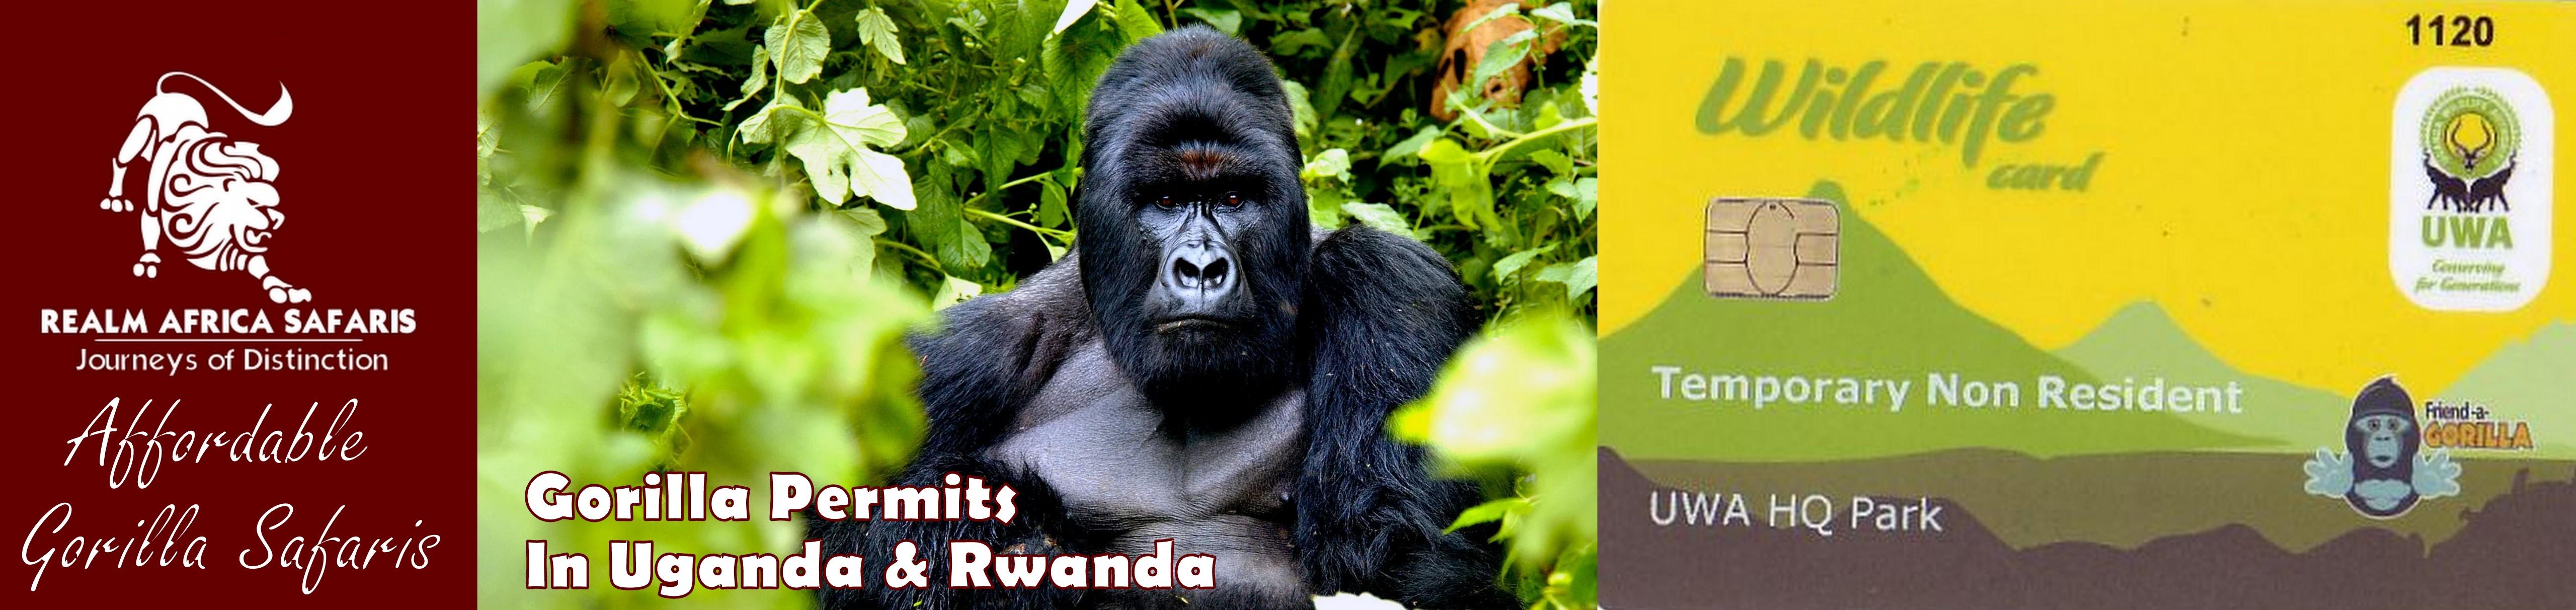 Gorilla Permits in Uganda & Rwanda